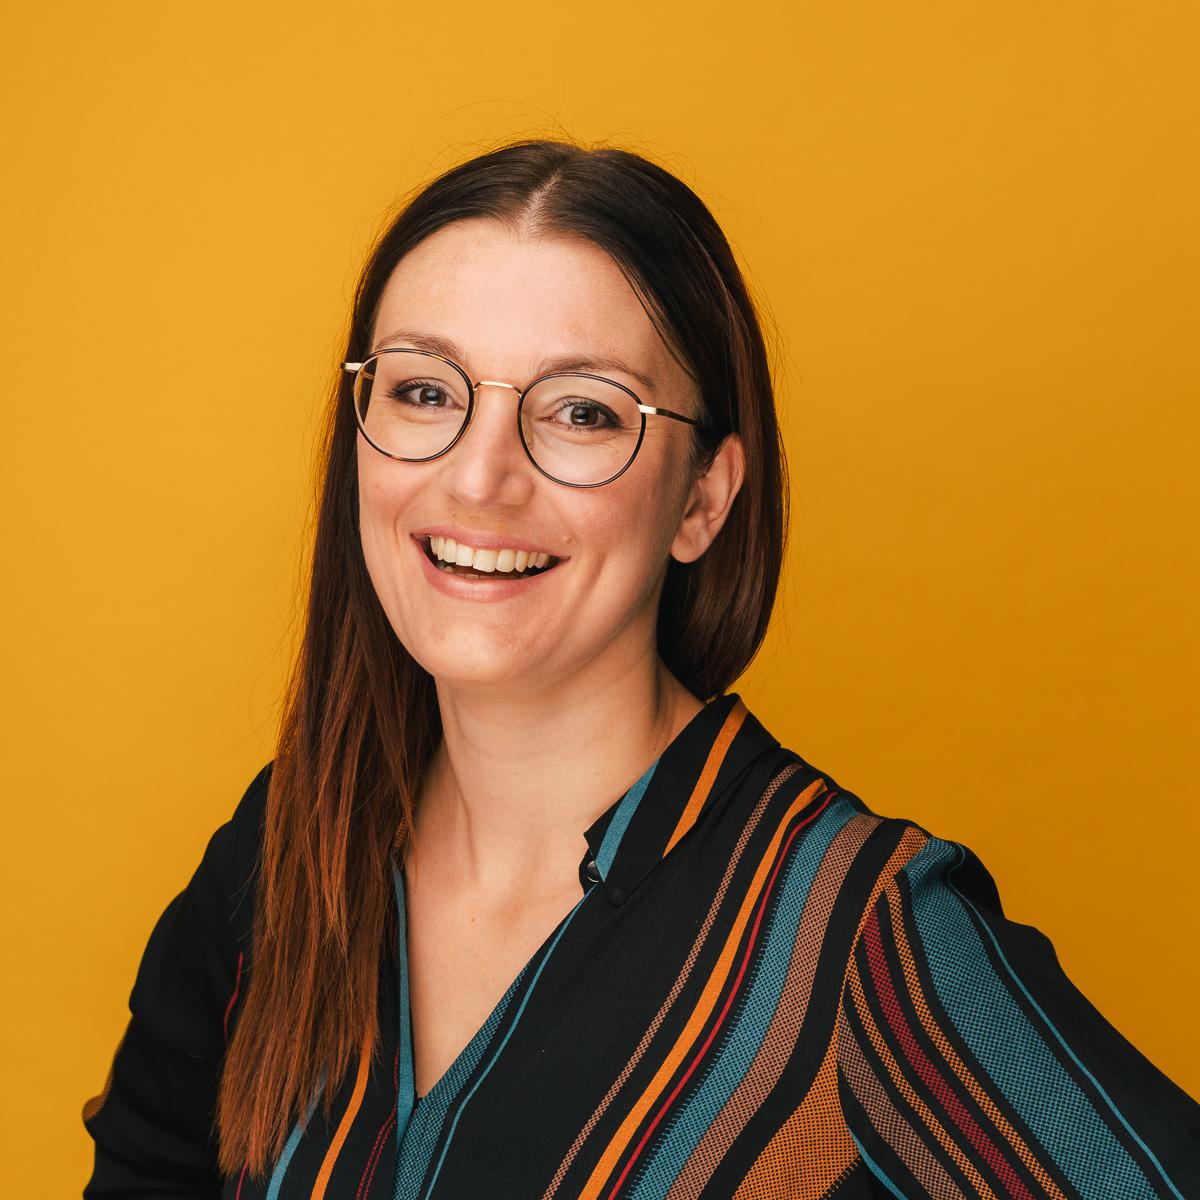 Nathalie Schroyens